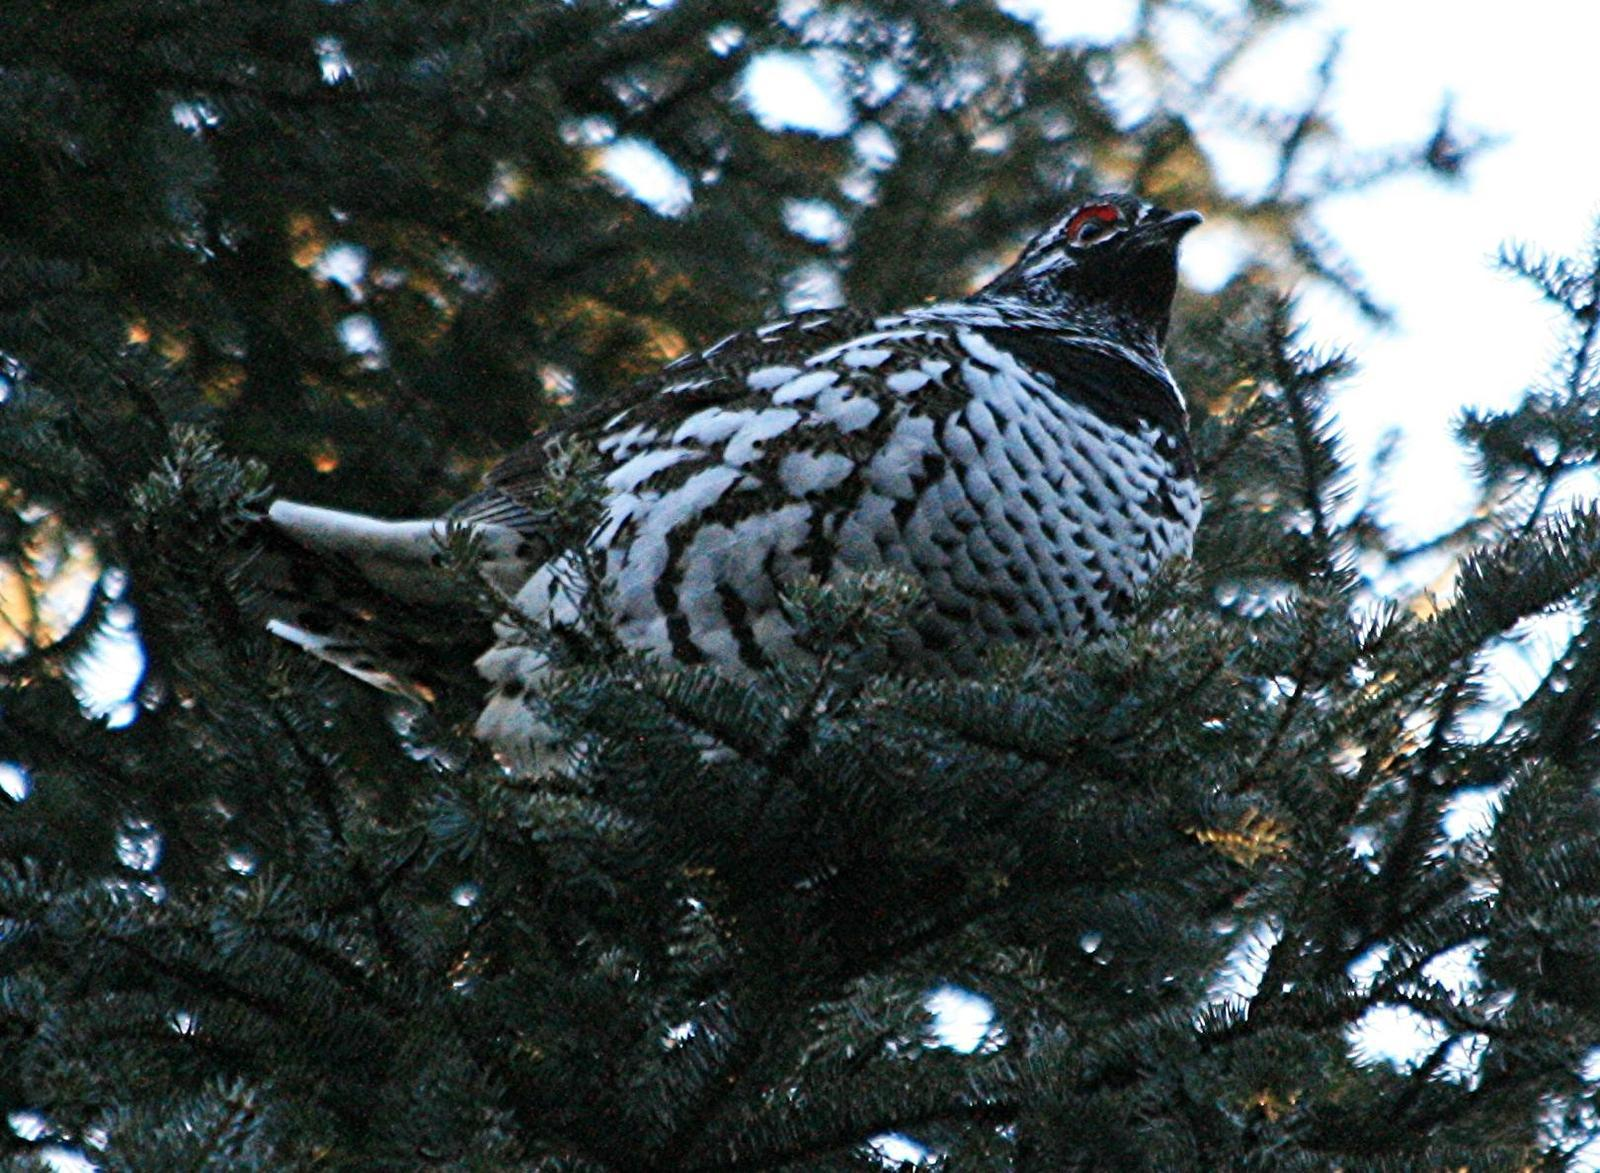 Spruce Grouse Photo by Aaron Hywarren